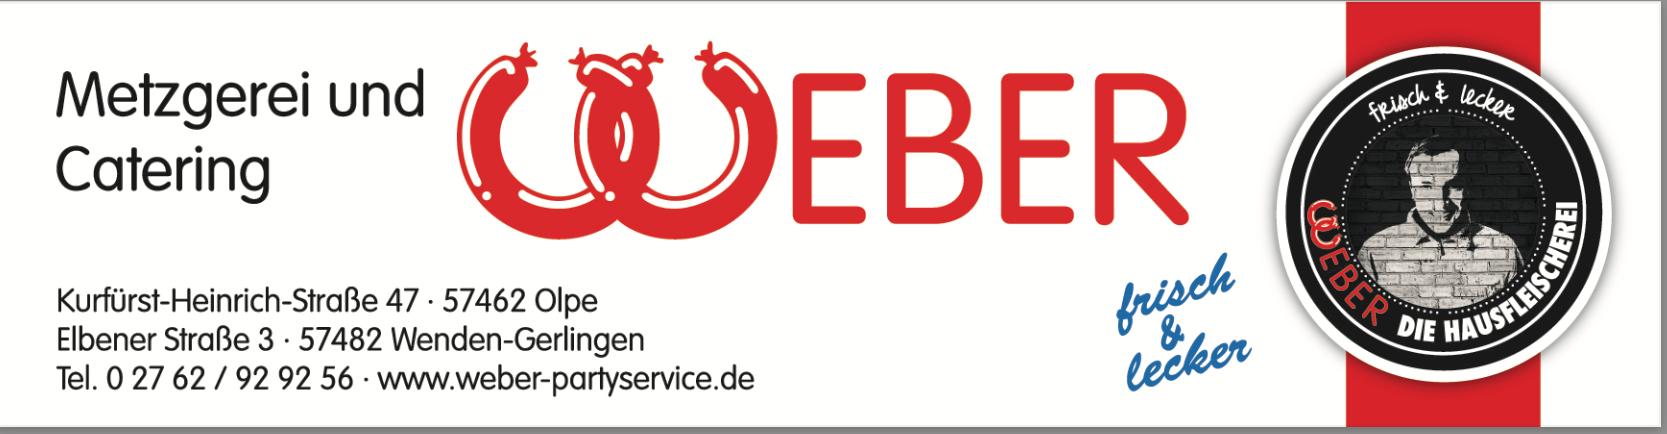 Metzgerei-Weber